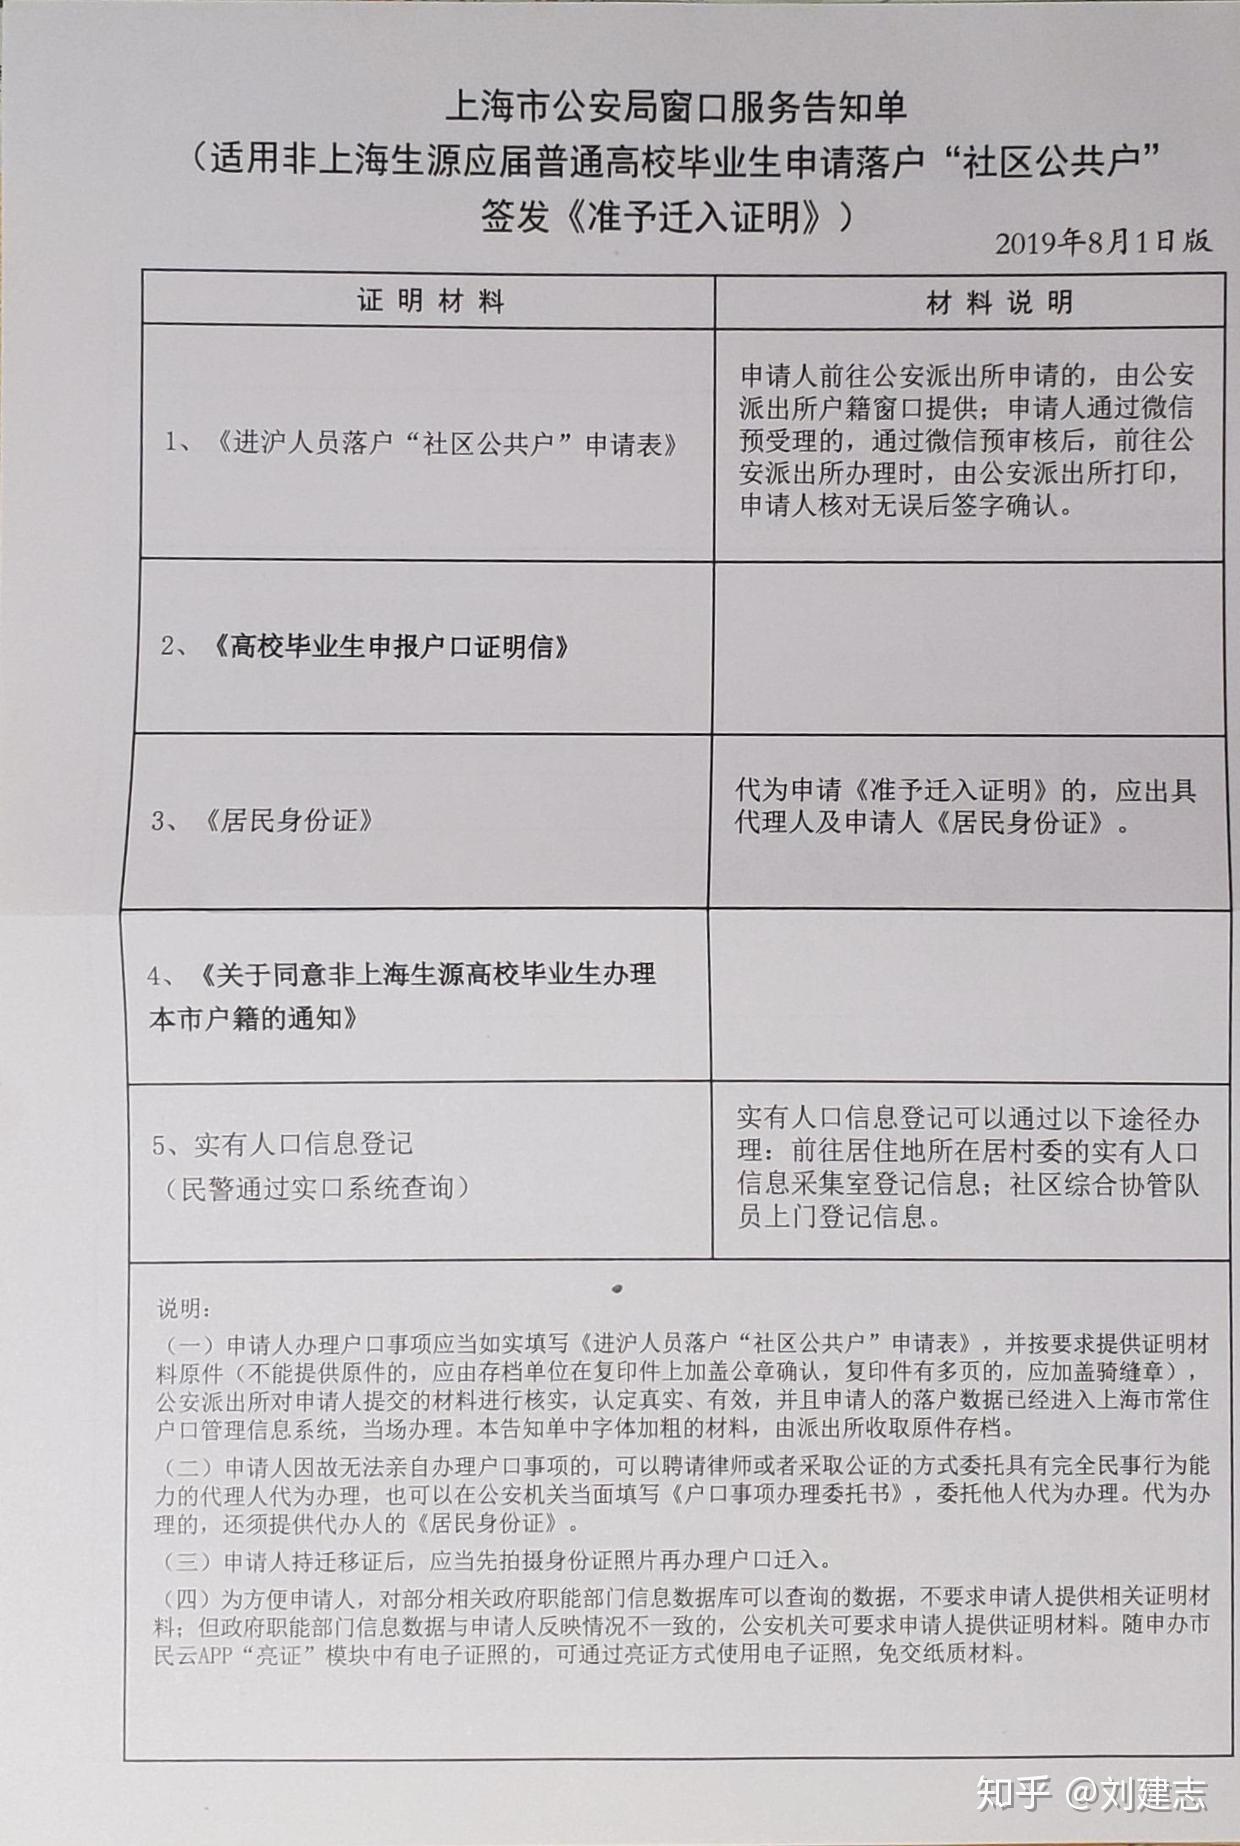 上海市集体户口落户_上海市应届生落户集体户口经历-1 - 知乎